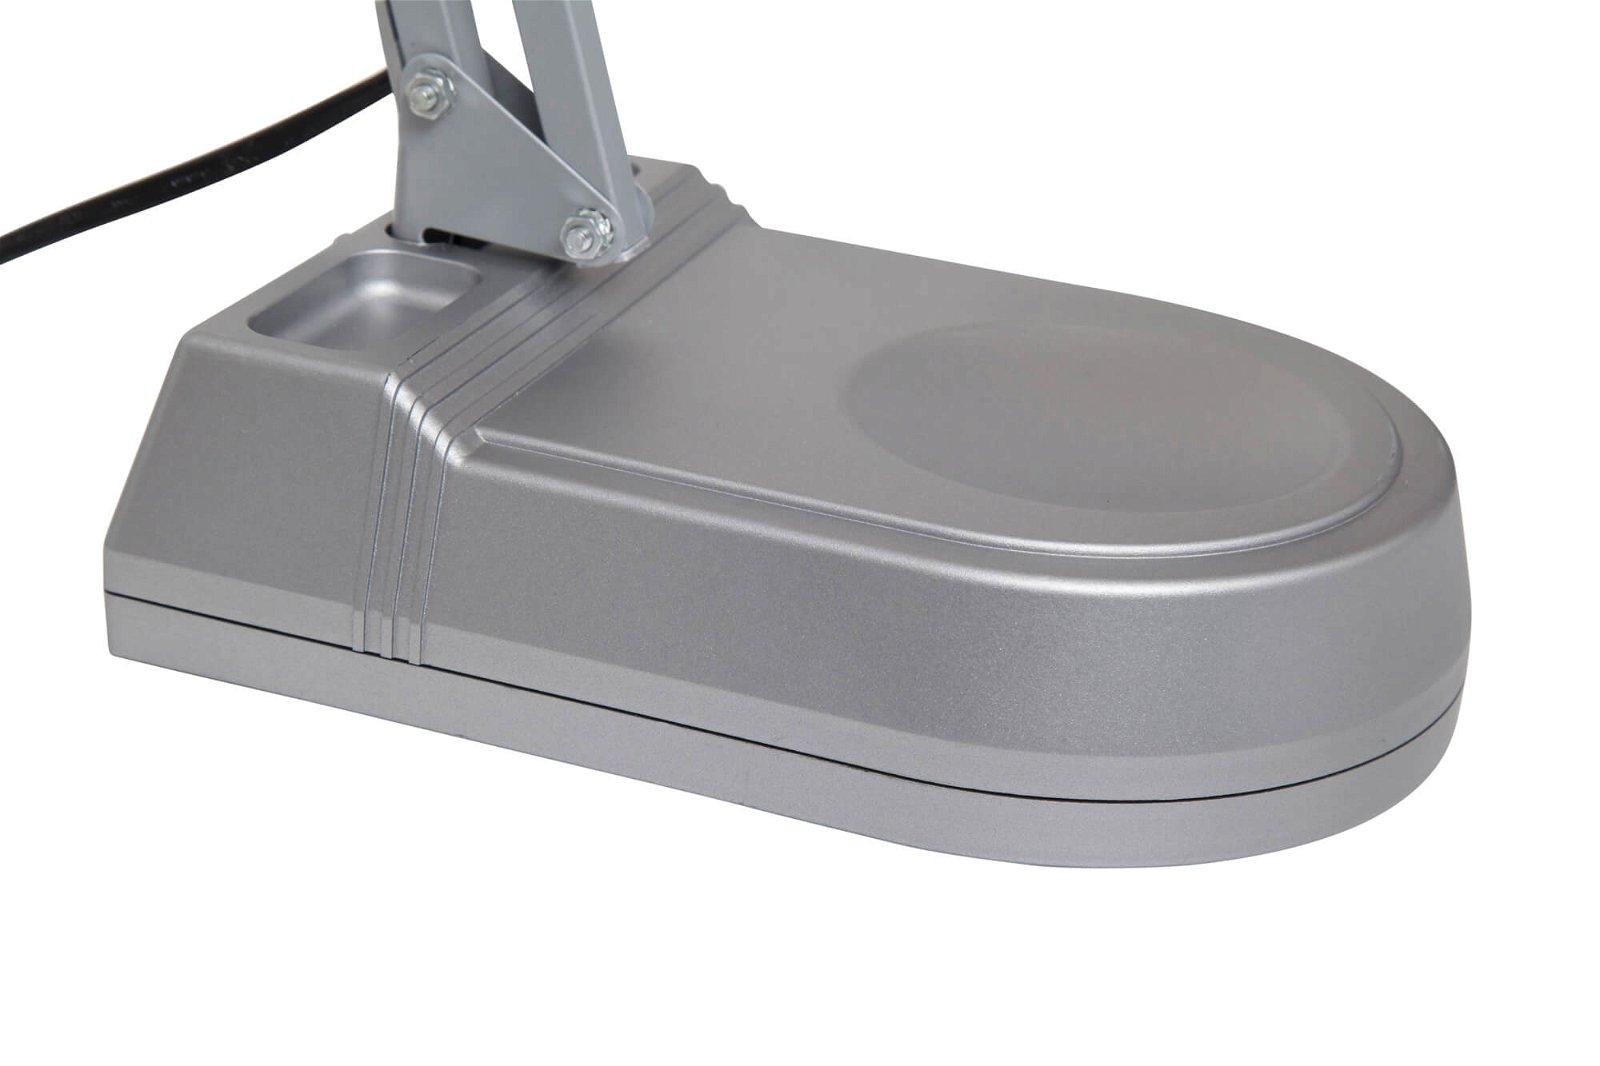 LED-Tischleuchte MAULatlantic, mit Standfuss, silber